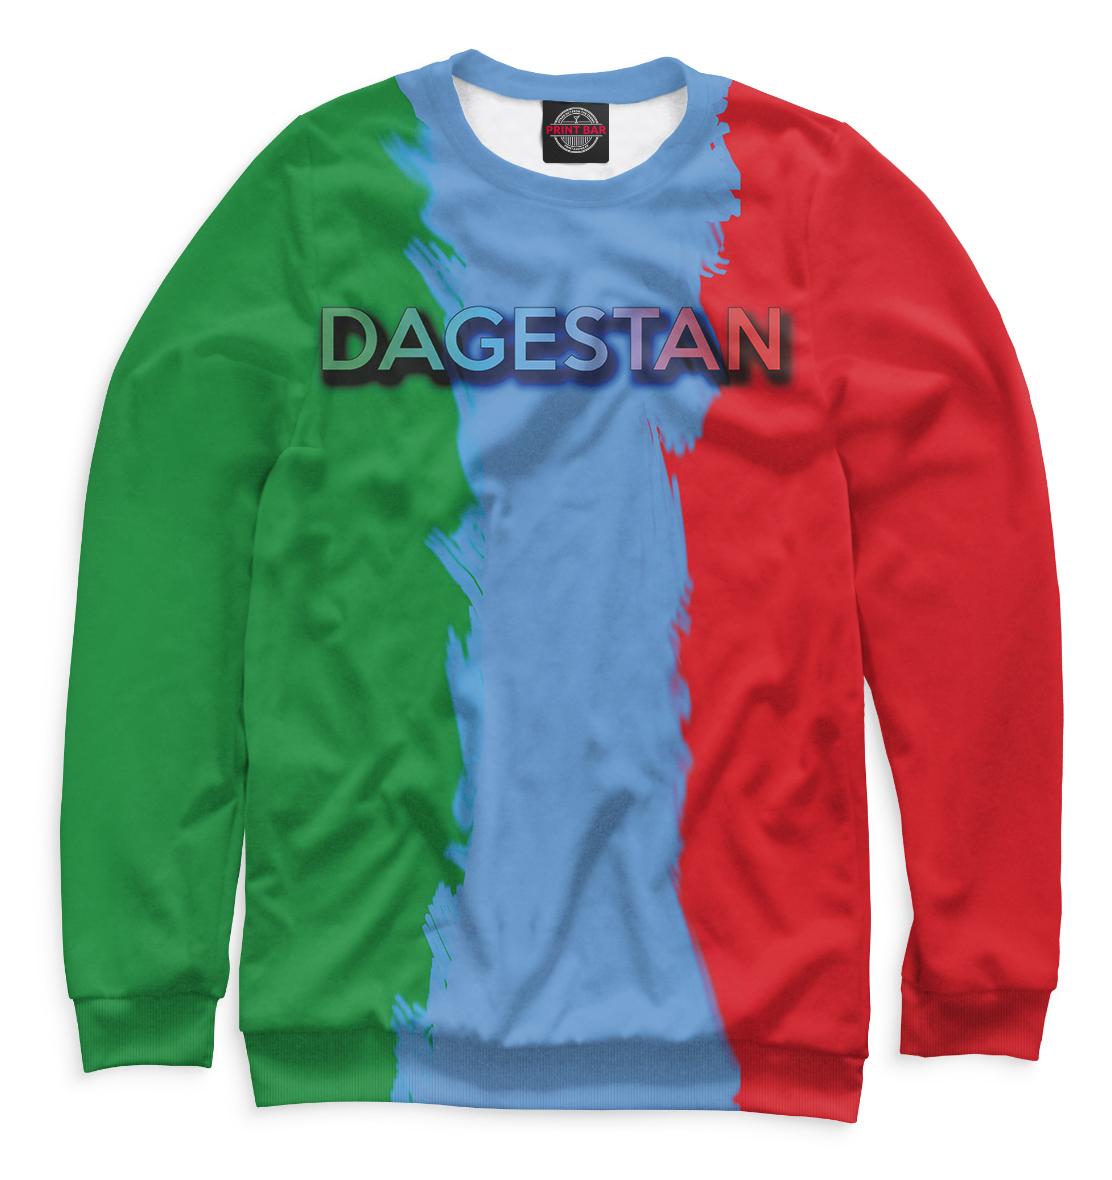 Купить Дагестан, Printbar, Свитшоты, DAG-408941-swi-1